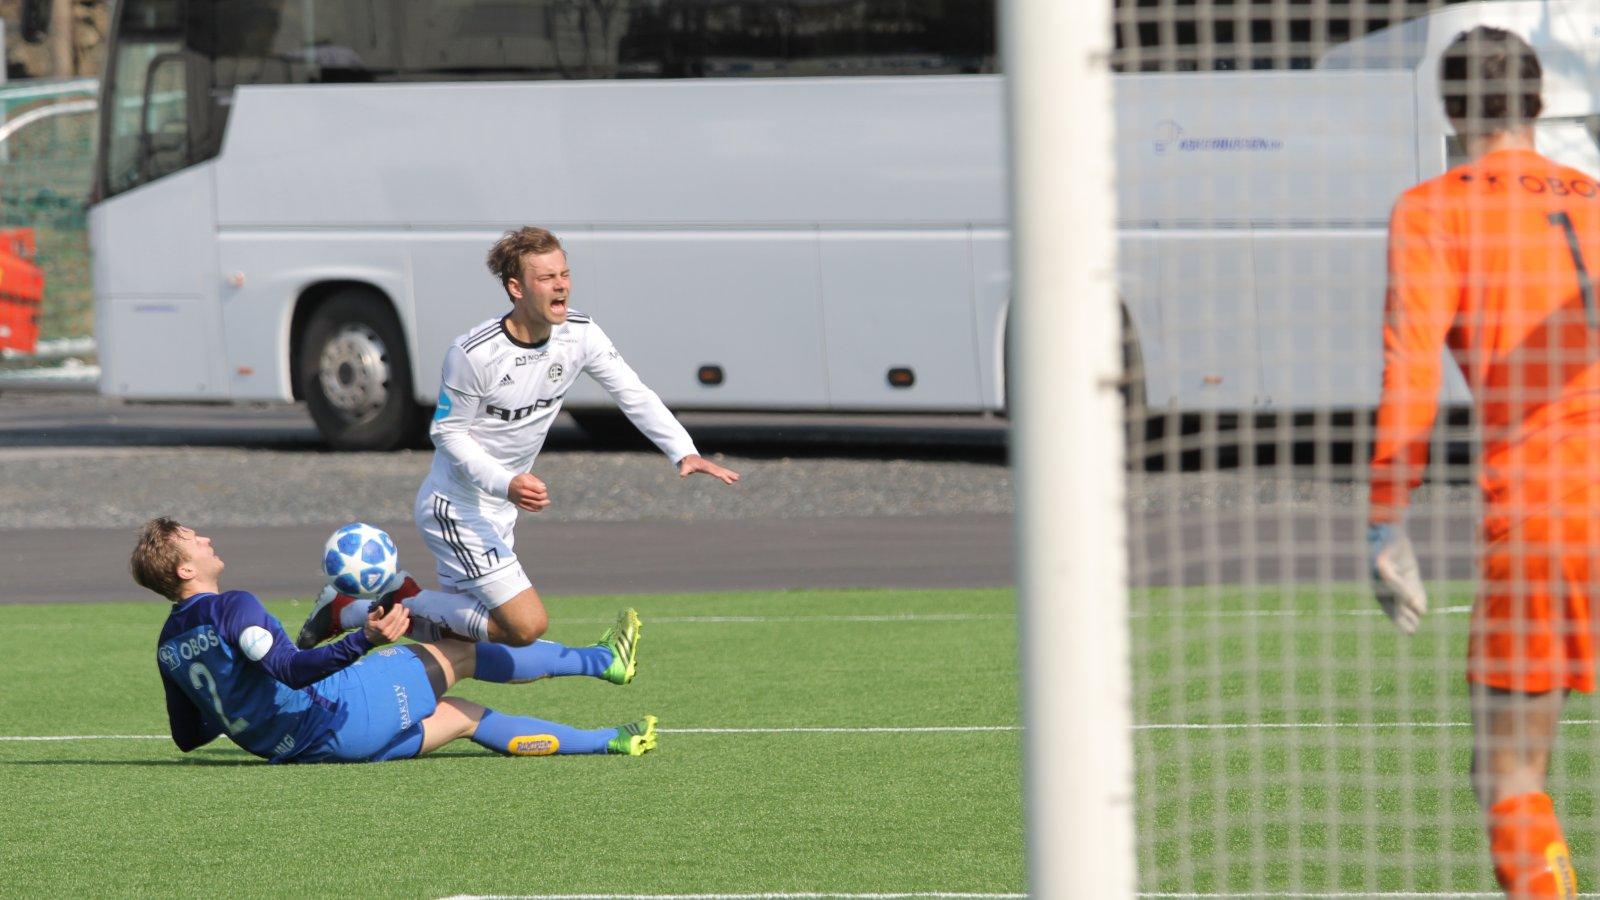 Mads Nørby Madsen felles innenfor 16-meteren og dommeren blåser korrekt straffespark til Arendal i treningskampen mot Asker.